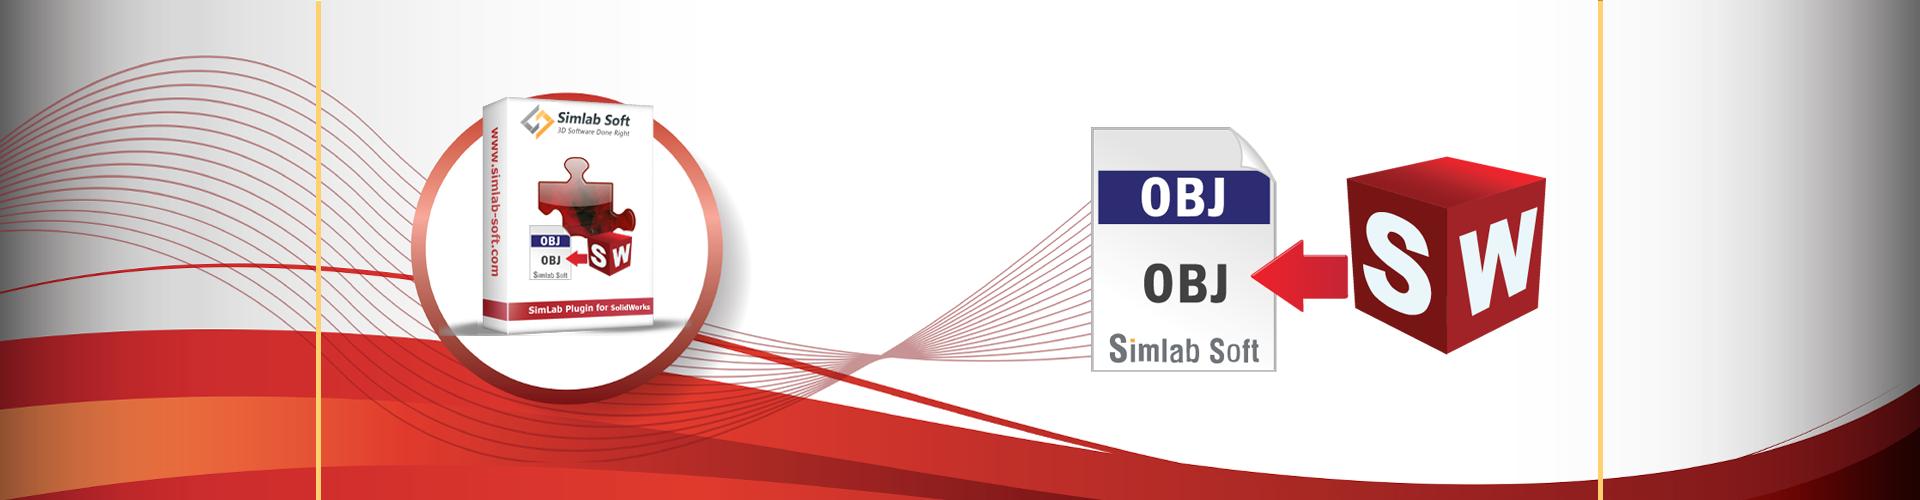 Simlab 3D Plugins - OBJ exporter for SolidWorks